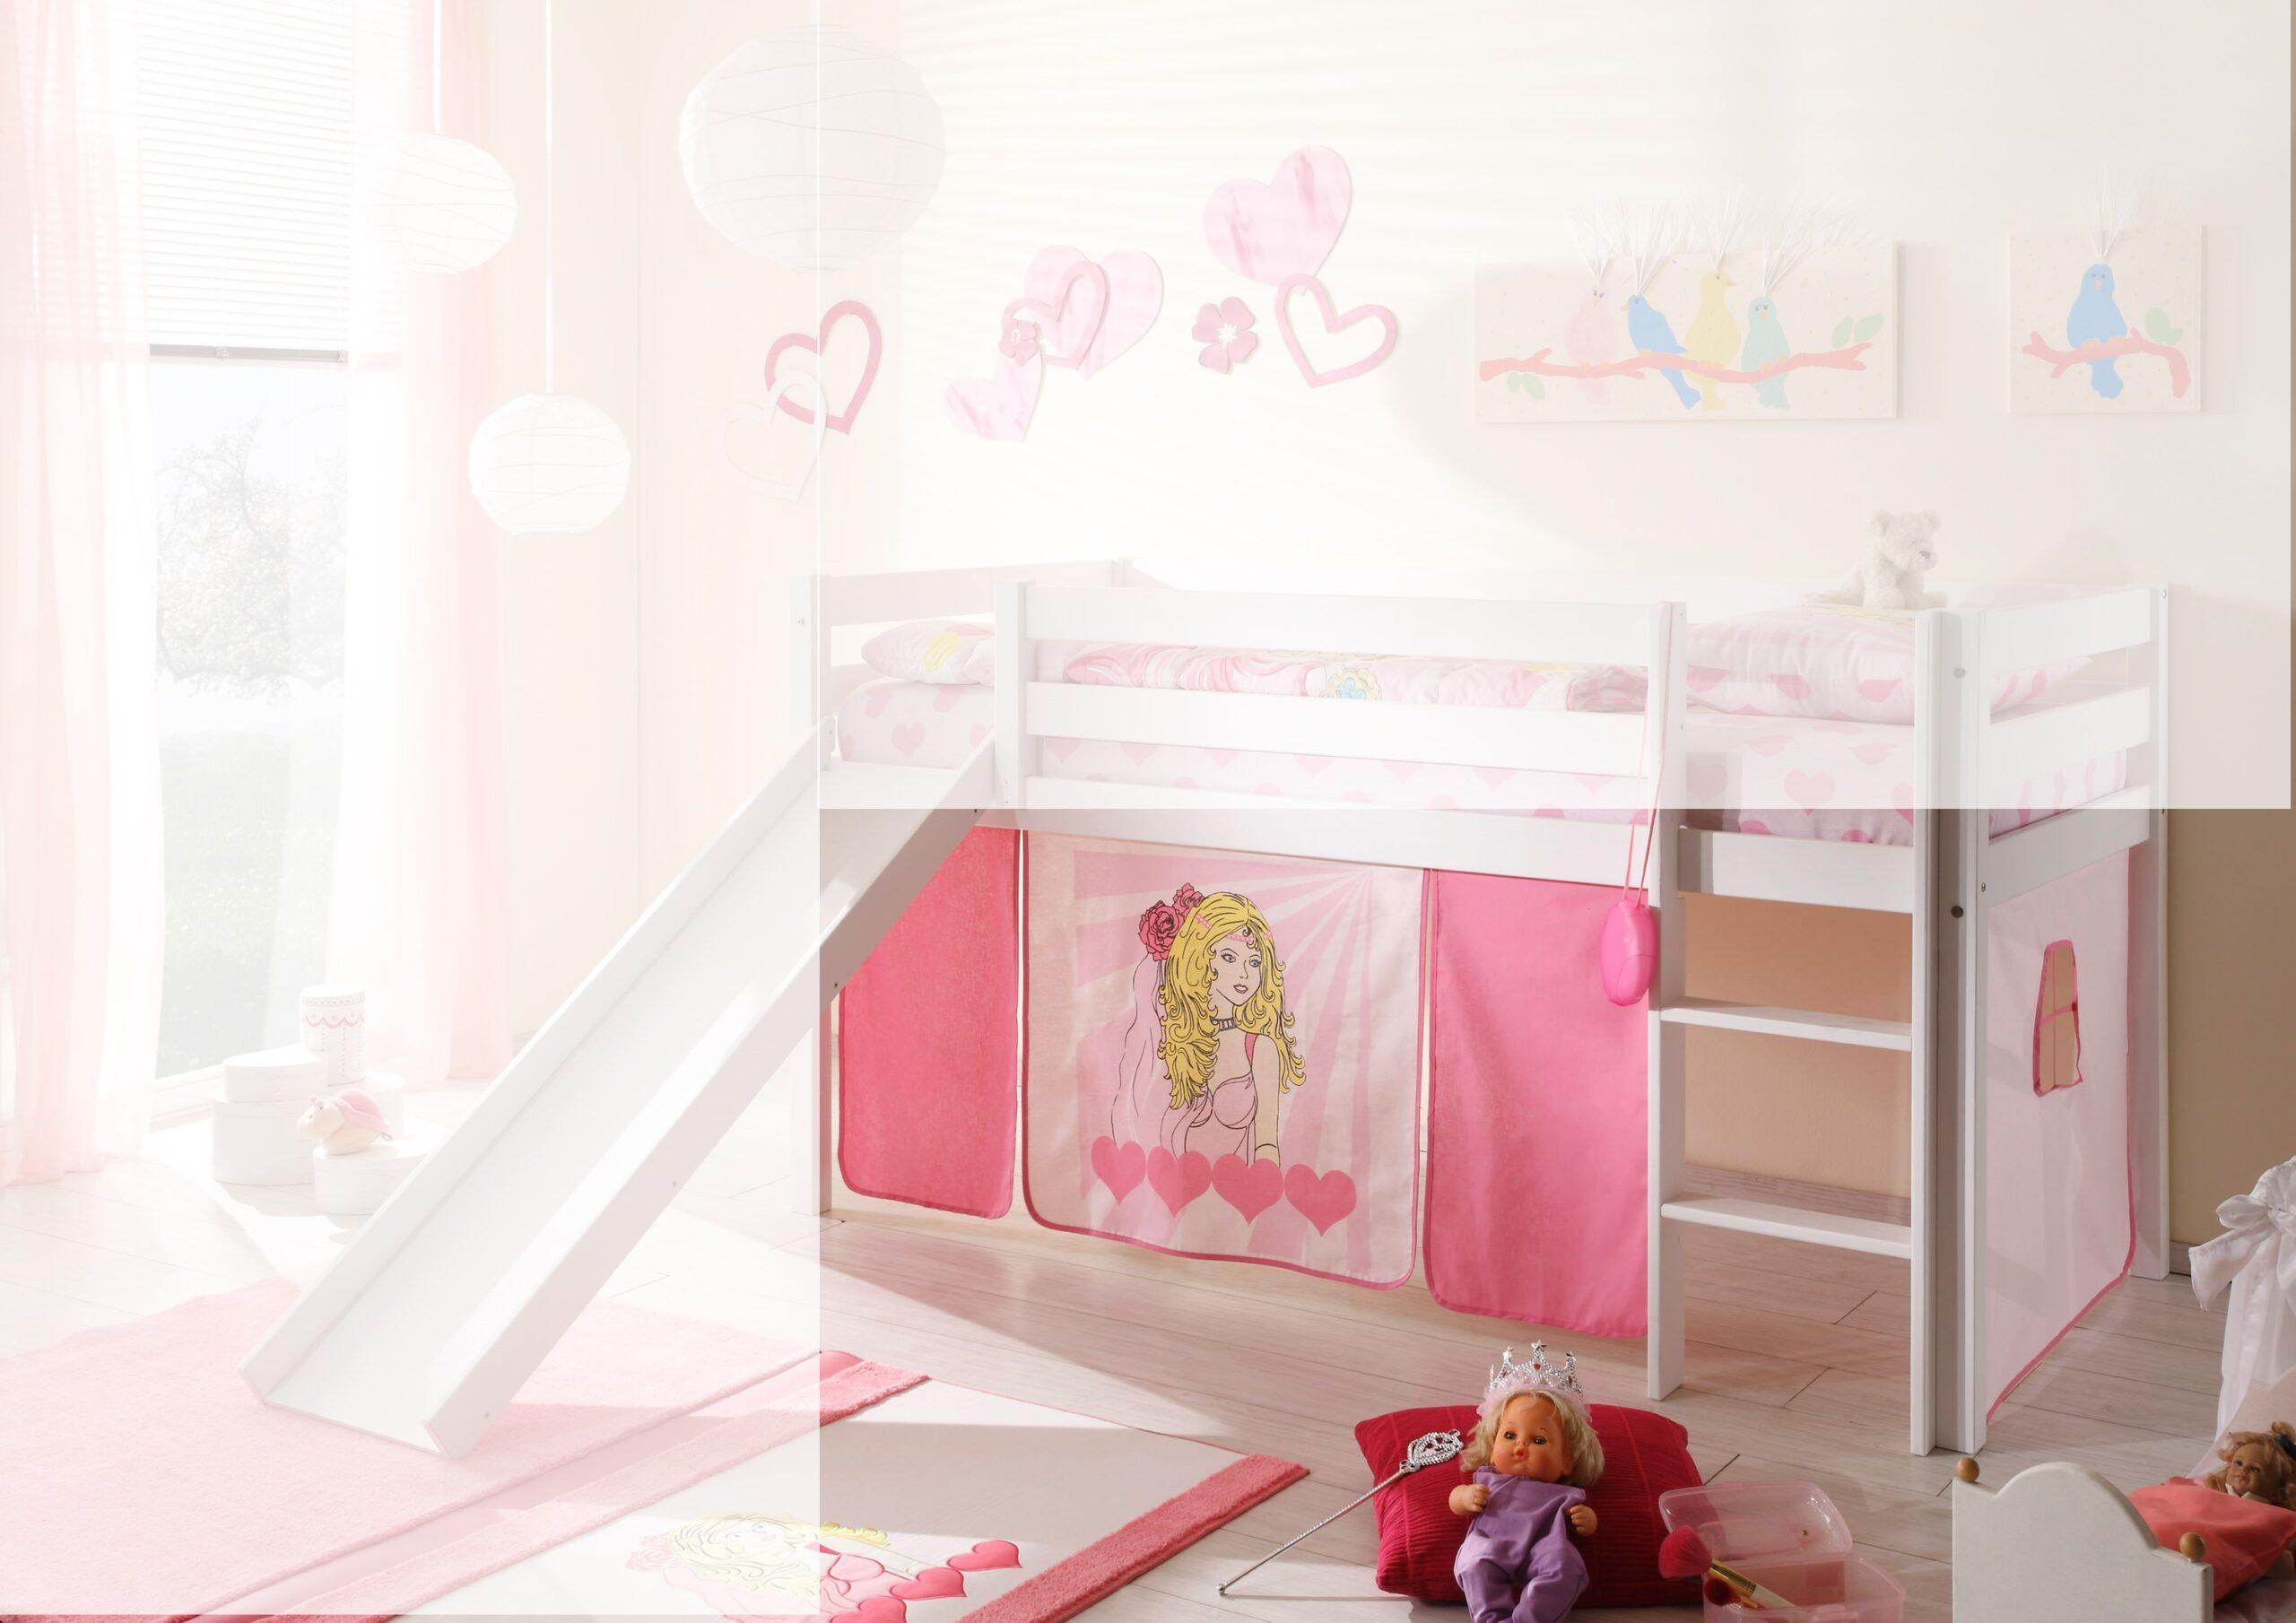 Full Size of Vorhänge Für Kinderzimmer Vorhang Mdchen Prinzessin 4 Tlg 100 Baumwolle Spiel Hochbett Bilder Fürs Wohnzimmer Sofa Wasserhahn Küche Esszimmer Kinderzimmer Vorhänge Für Kinderzimmer